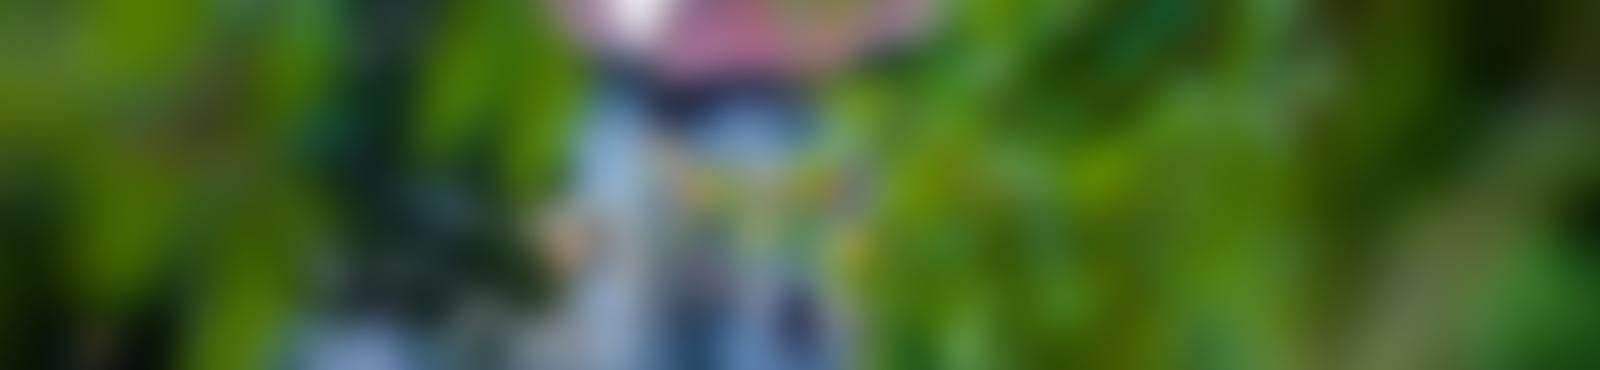 Blurred de4de42c 6b9b 45d4 b2bb c31236da7315